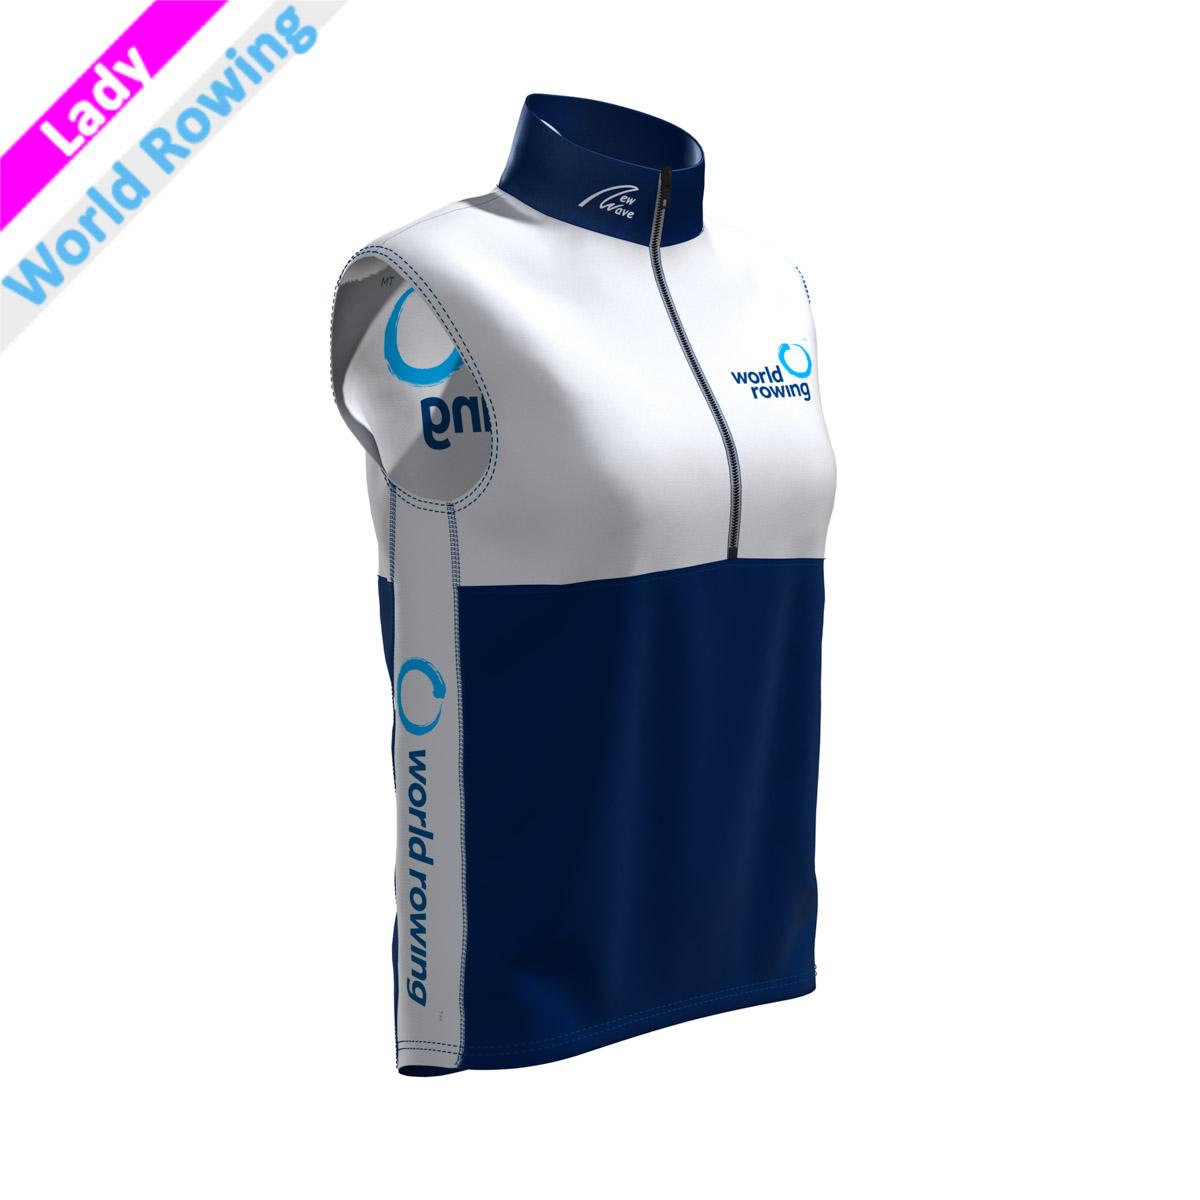 World Rowing Vest - Lady weiß/marine(Kragen, Bauch, Rückenunterteil - marine / Brust, Rückenunterteil, Seitenstreifen - weiß WR)